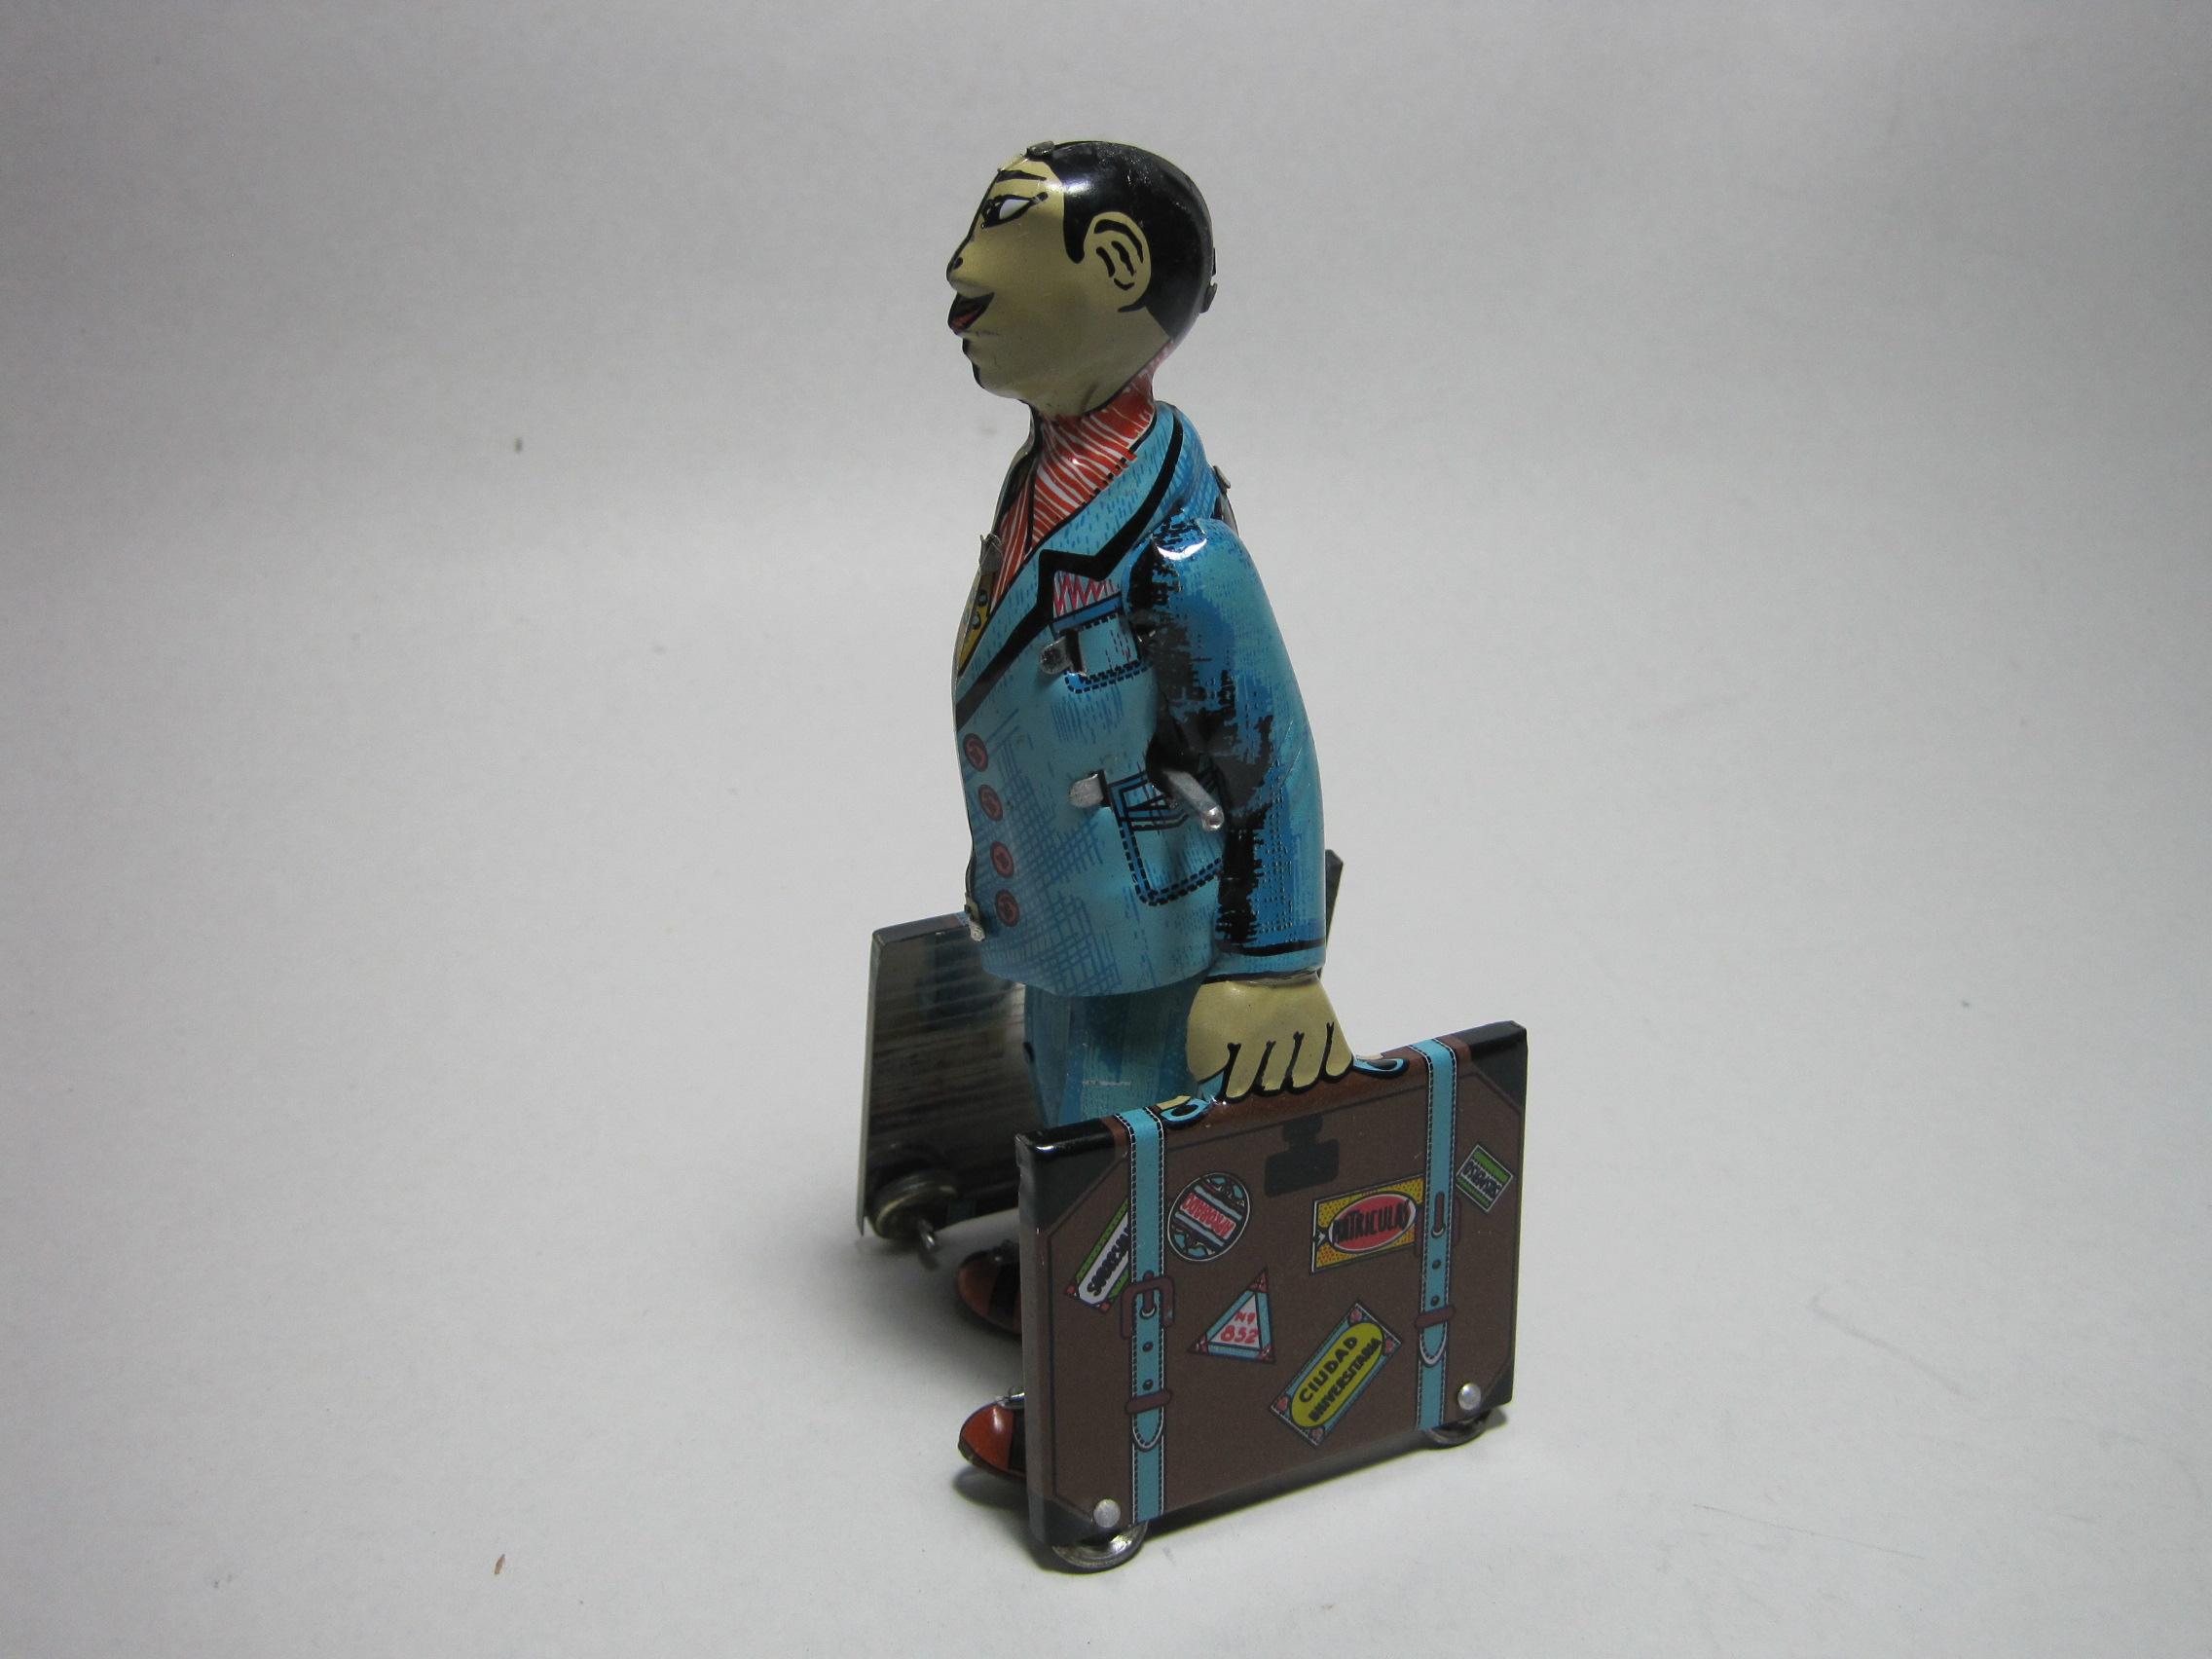 ของเล่นสังกะสี นักเดินทางถือกระเป๋า